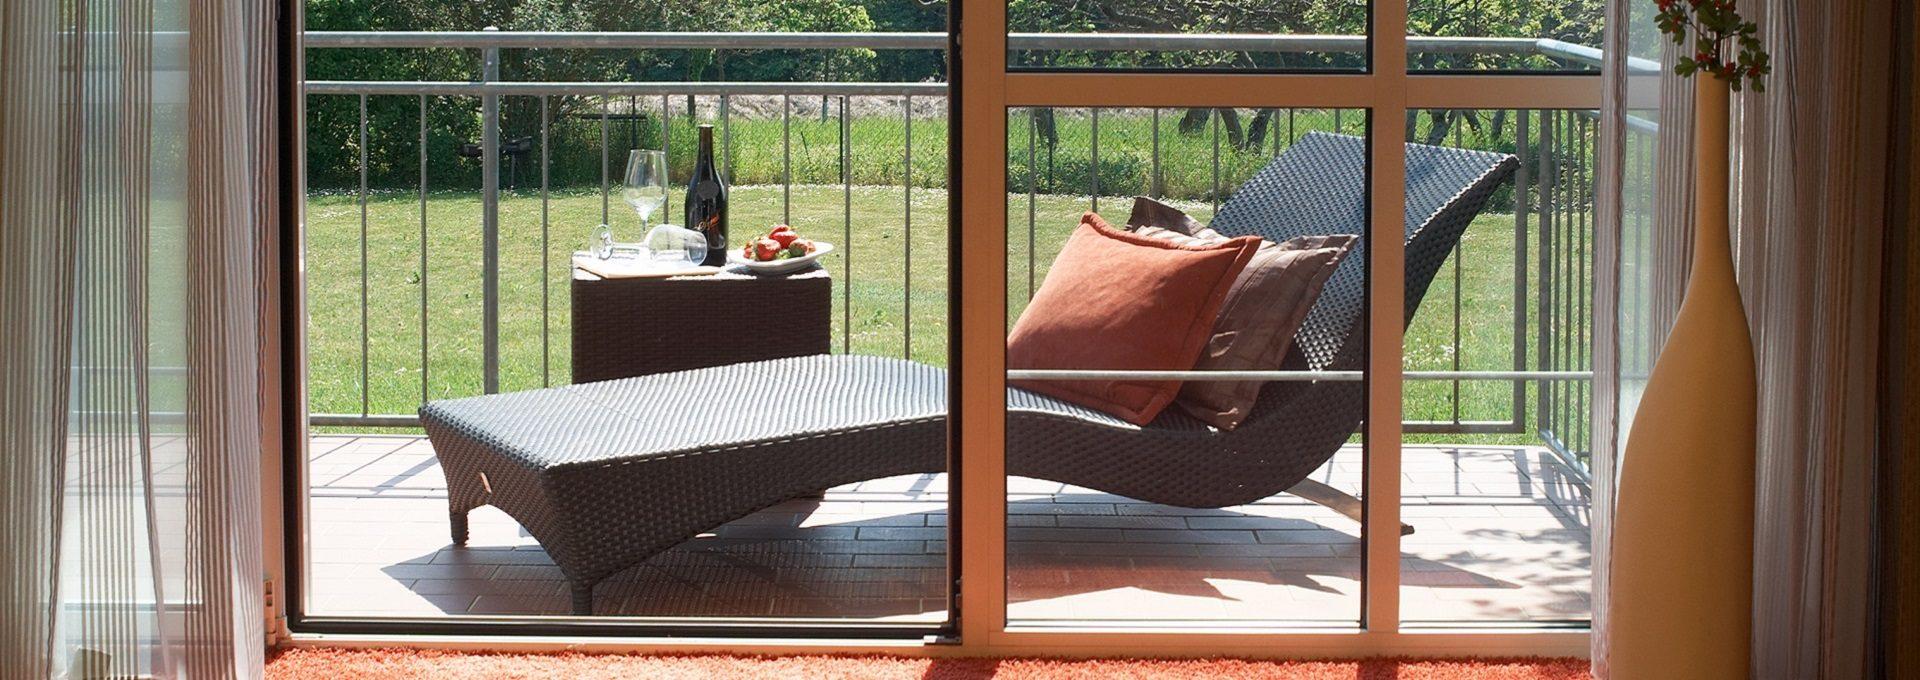 Aufnahme Balkon mit Liege